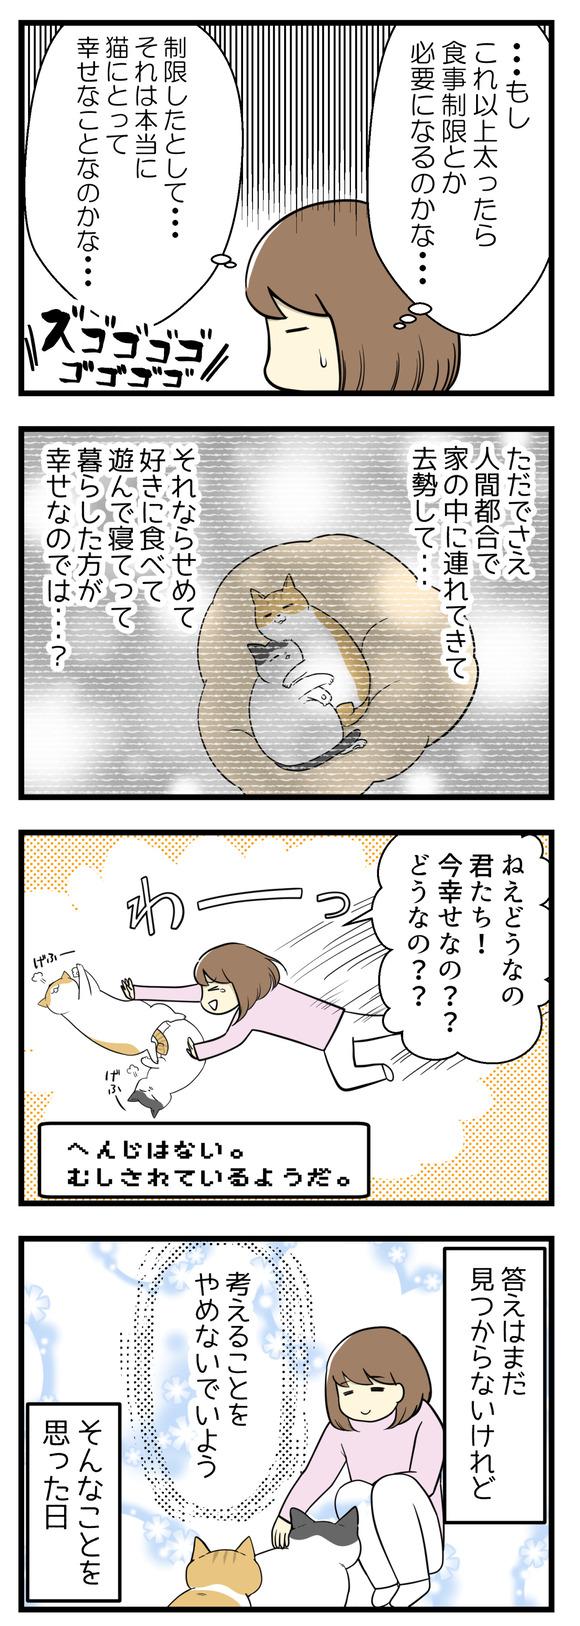 猫の幸せを考えた日-2-